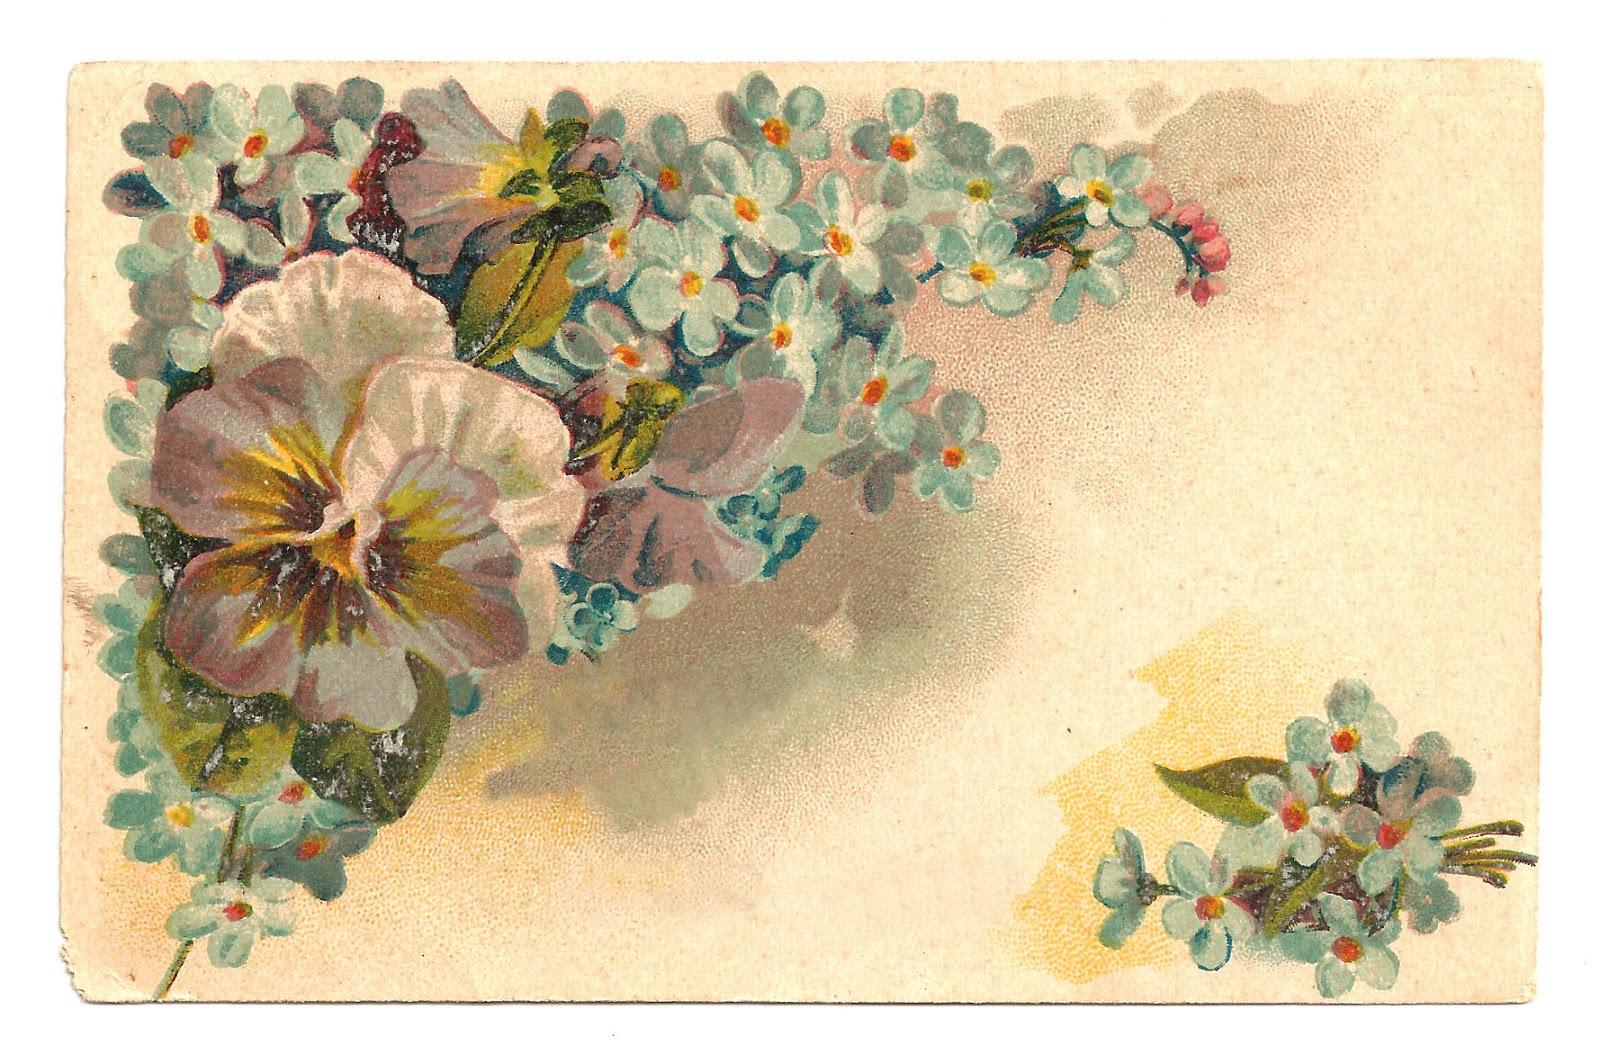 сельских открытки под старину цветы традиционно